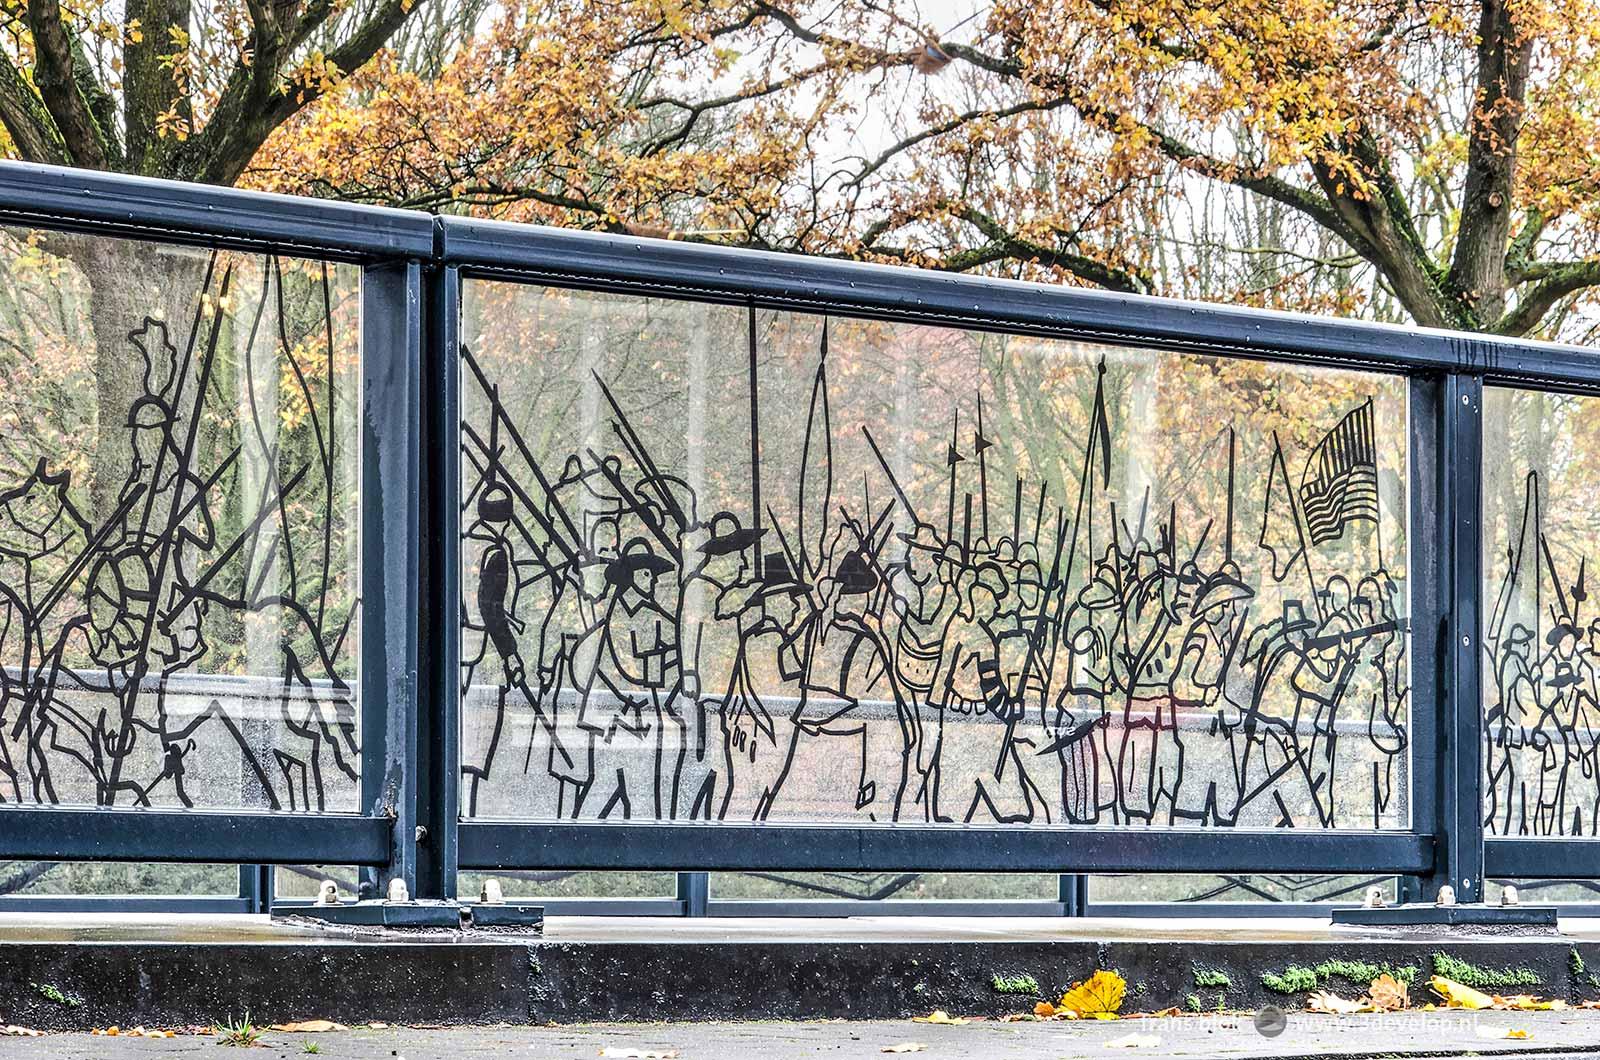 Detail van de glaspanelen op het Koninginneplein in Venlo, met een historisch tafereel uit de geschiedenis van de stad